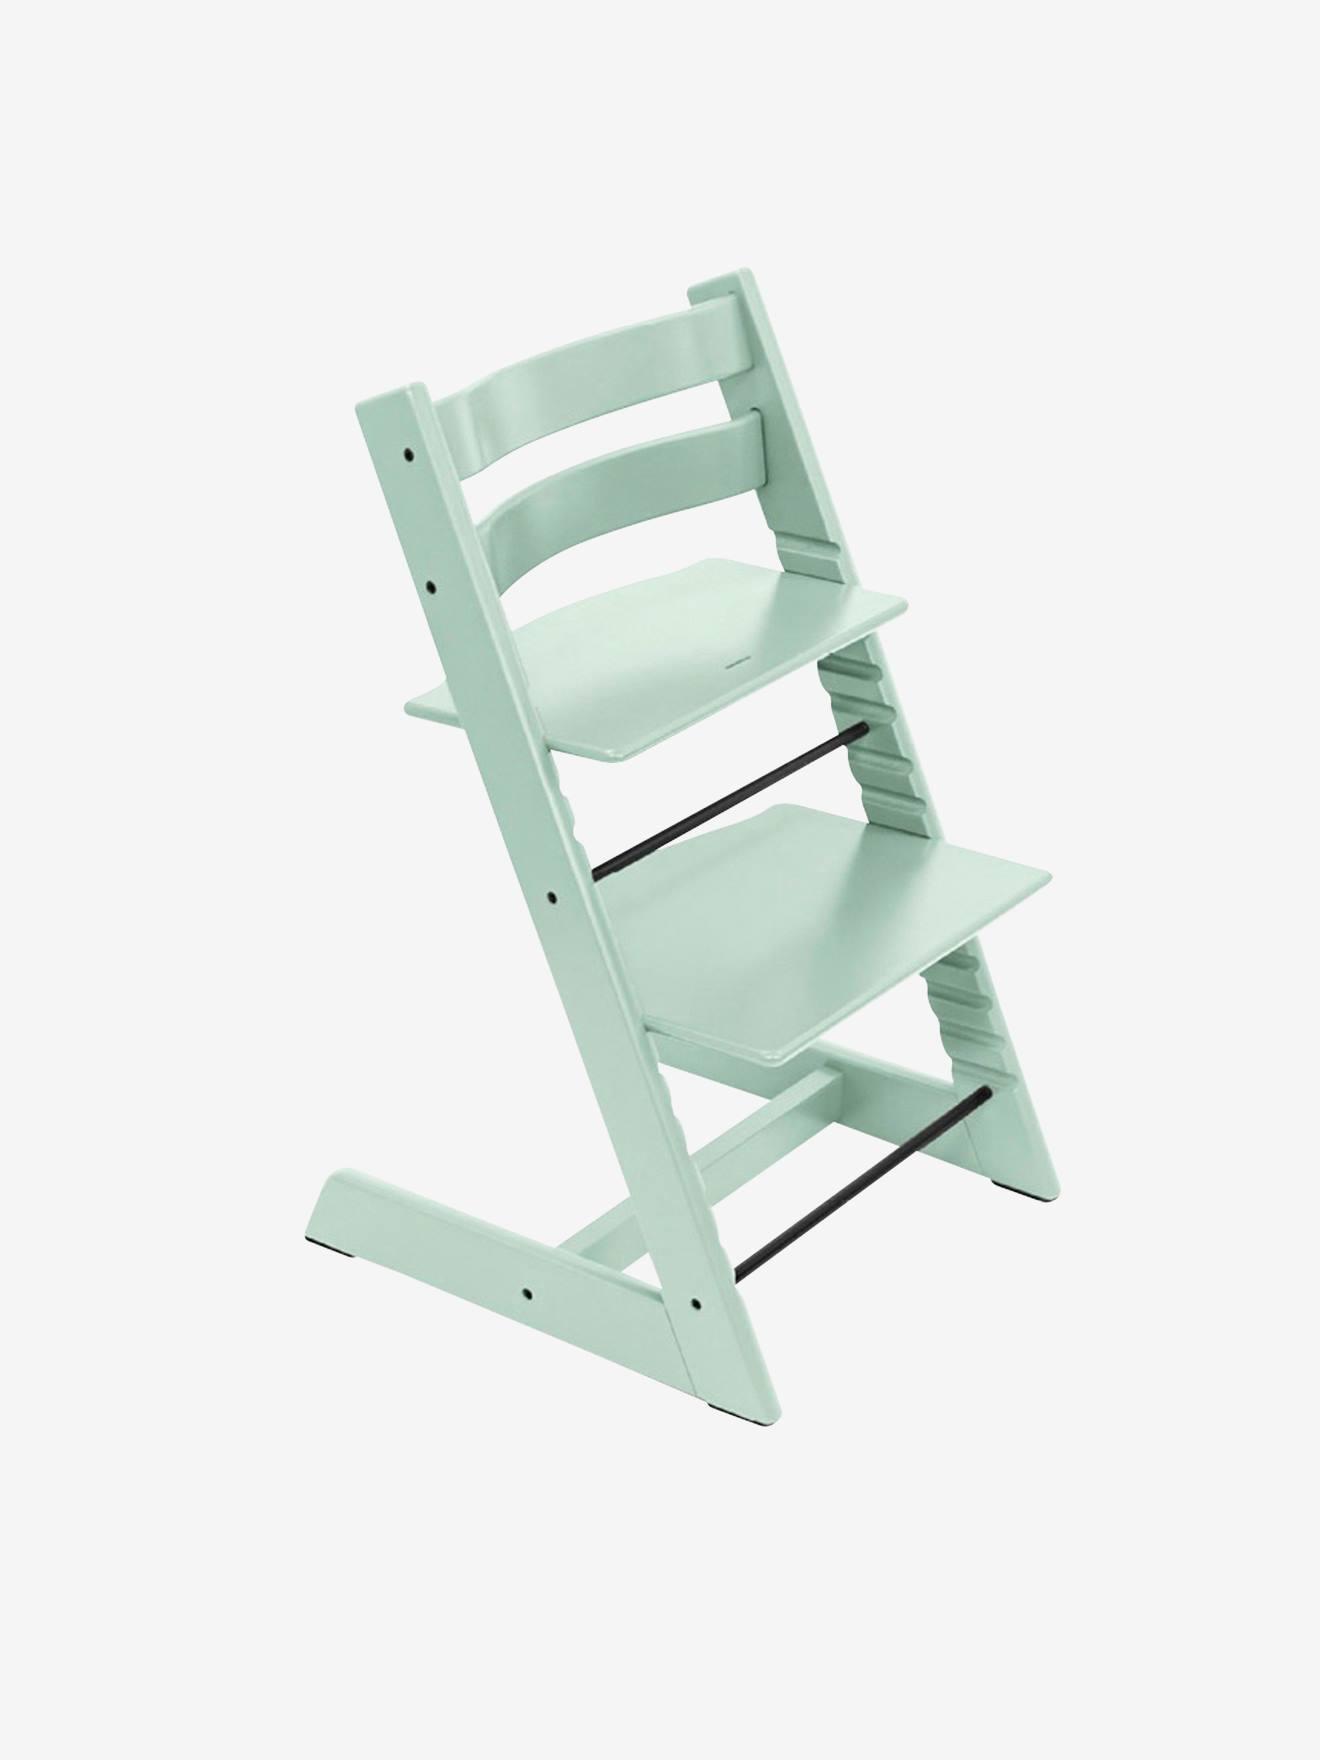 Chaise haute Tripp Trapp STOKKE menthe a l'eau